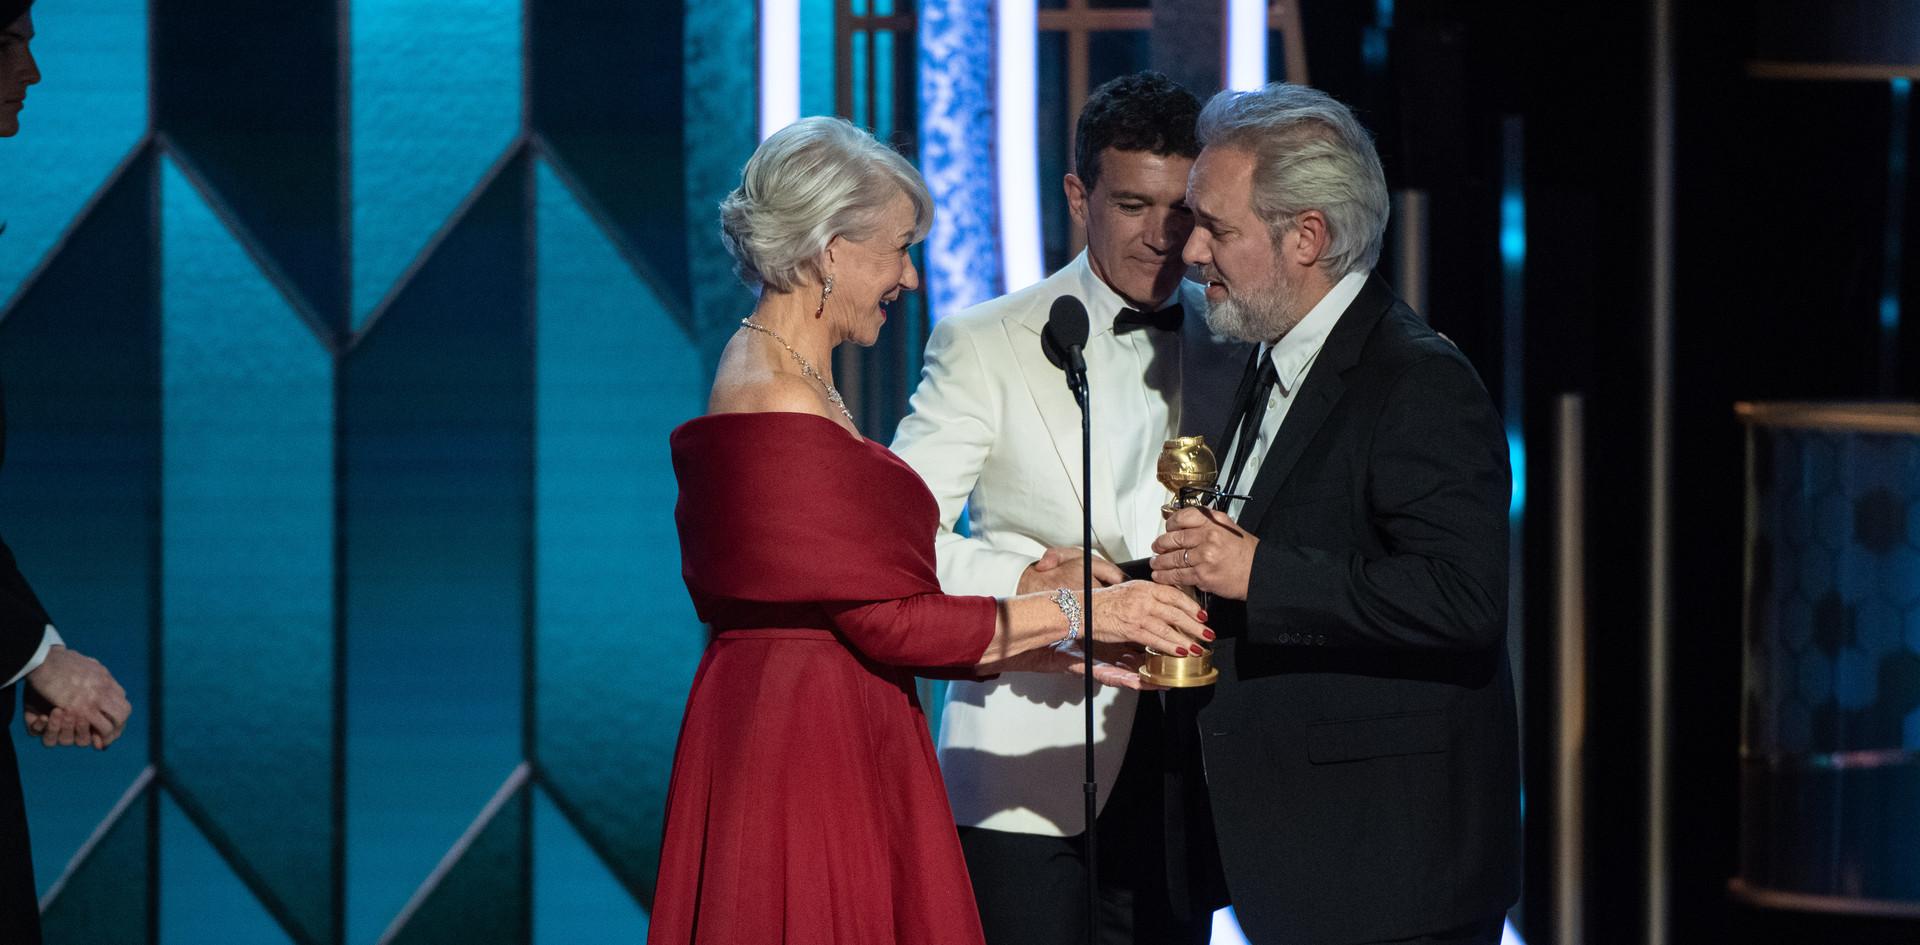 """Sam Mendes recebendo de Helen Mirren e Antonio Banderas o Golden Globe, como Melhor Realizador do Filme:""""1917"""", na cerimónia da entrega dos Golden Globes no 77th Annual Golden Globes Awards no Beverly Hilton em Beverly Hills, CA. Fotografia: HFPA Photographer."""